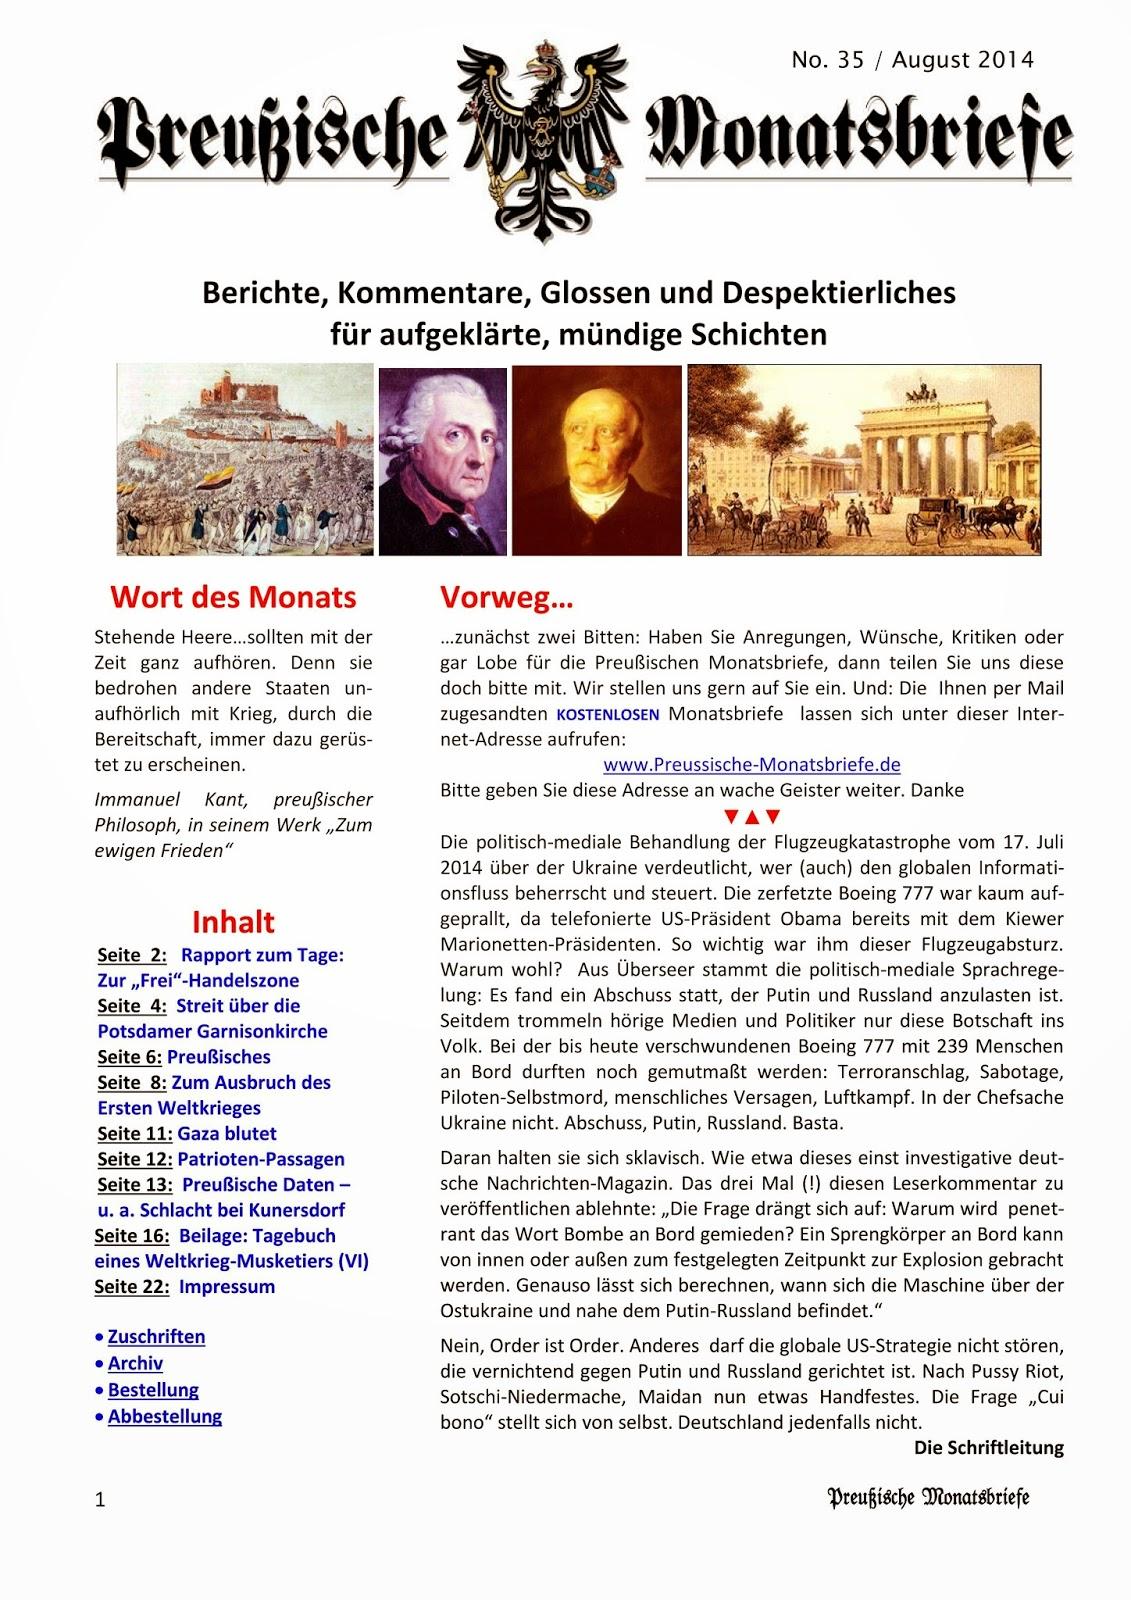 http://preussische-monatsbriefe.de/pdf/August_2014.pdf